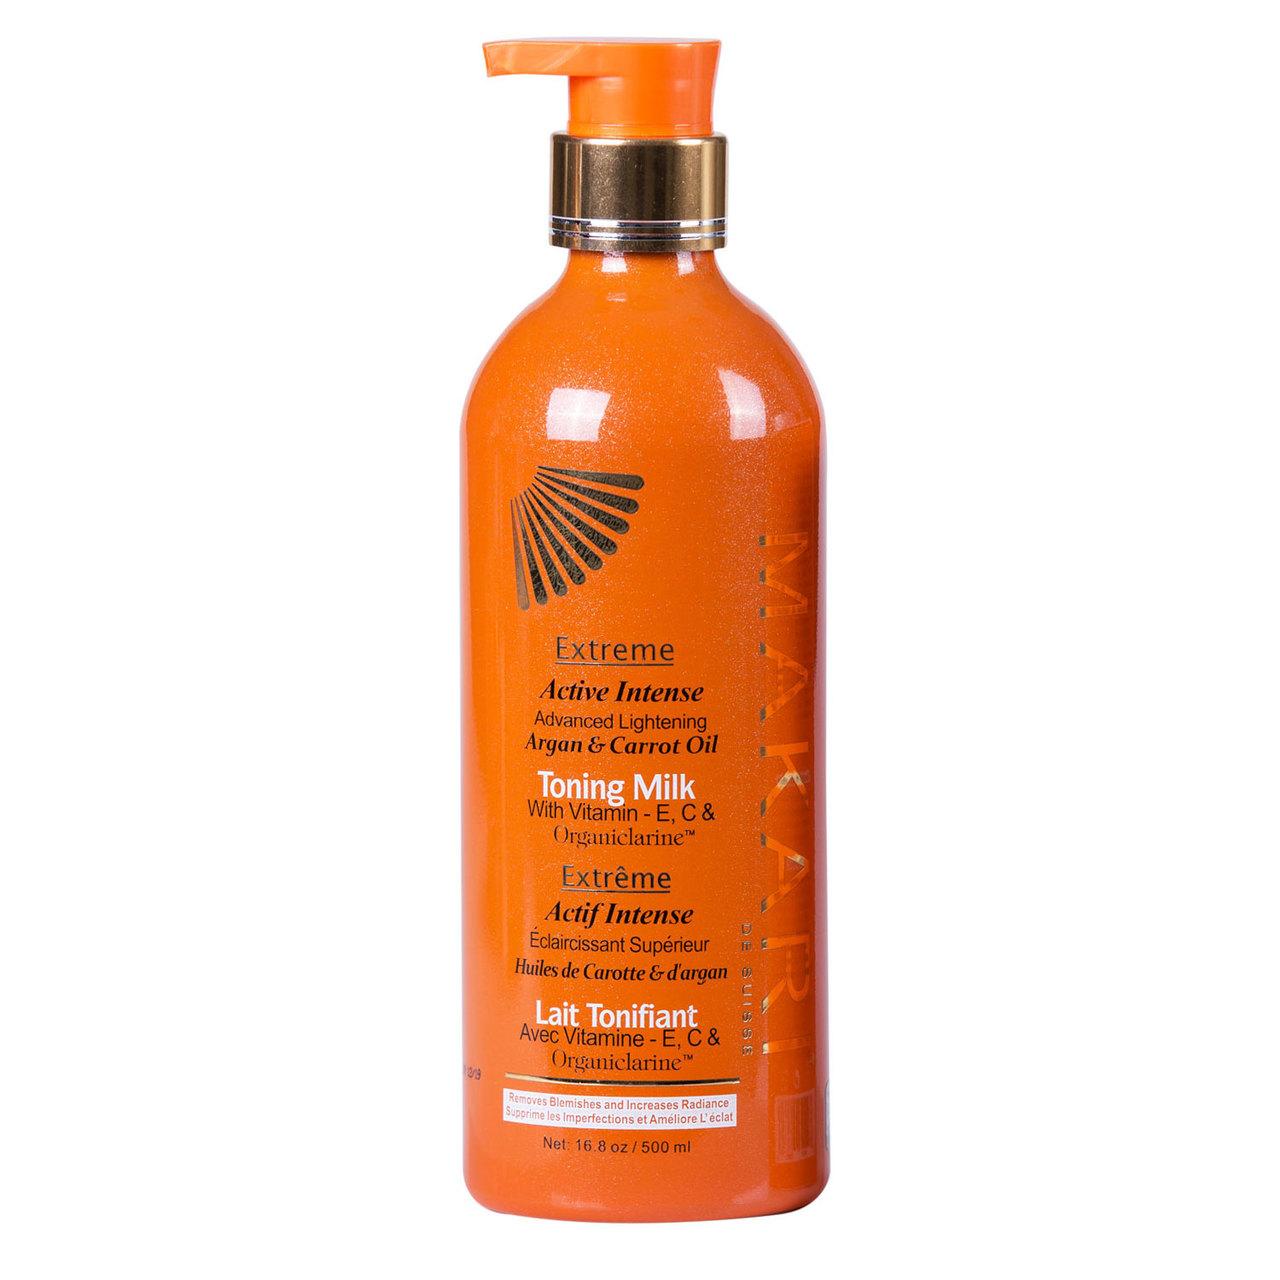 Makari Extreme Argan Carrot Oil Toning Milk Skin Lightening